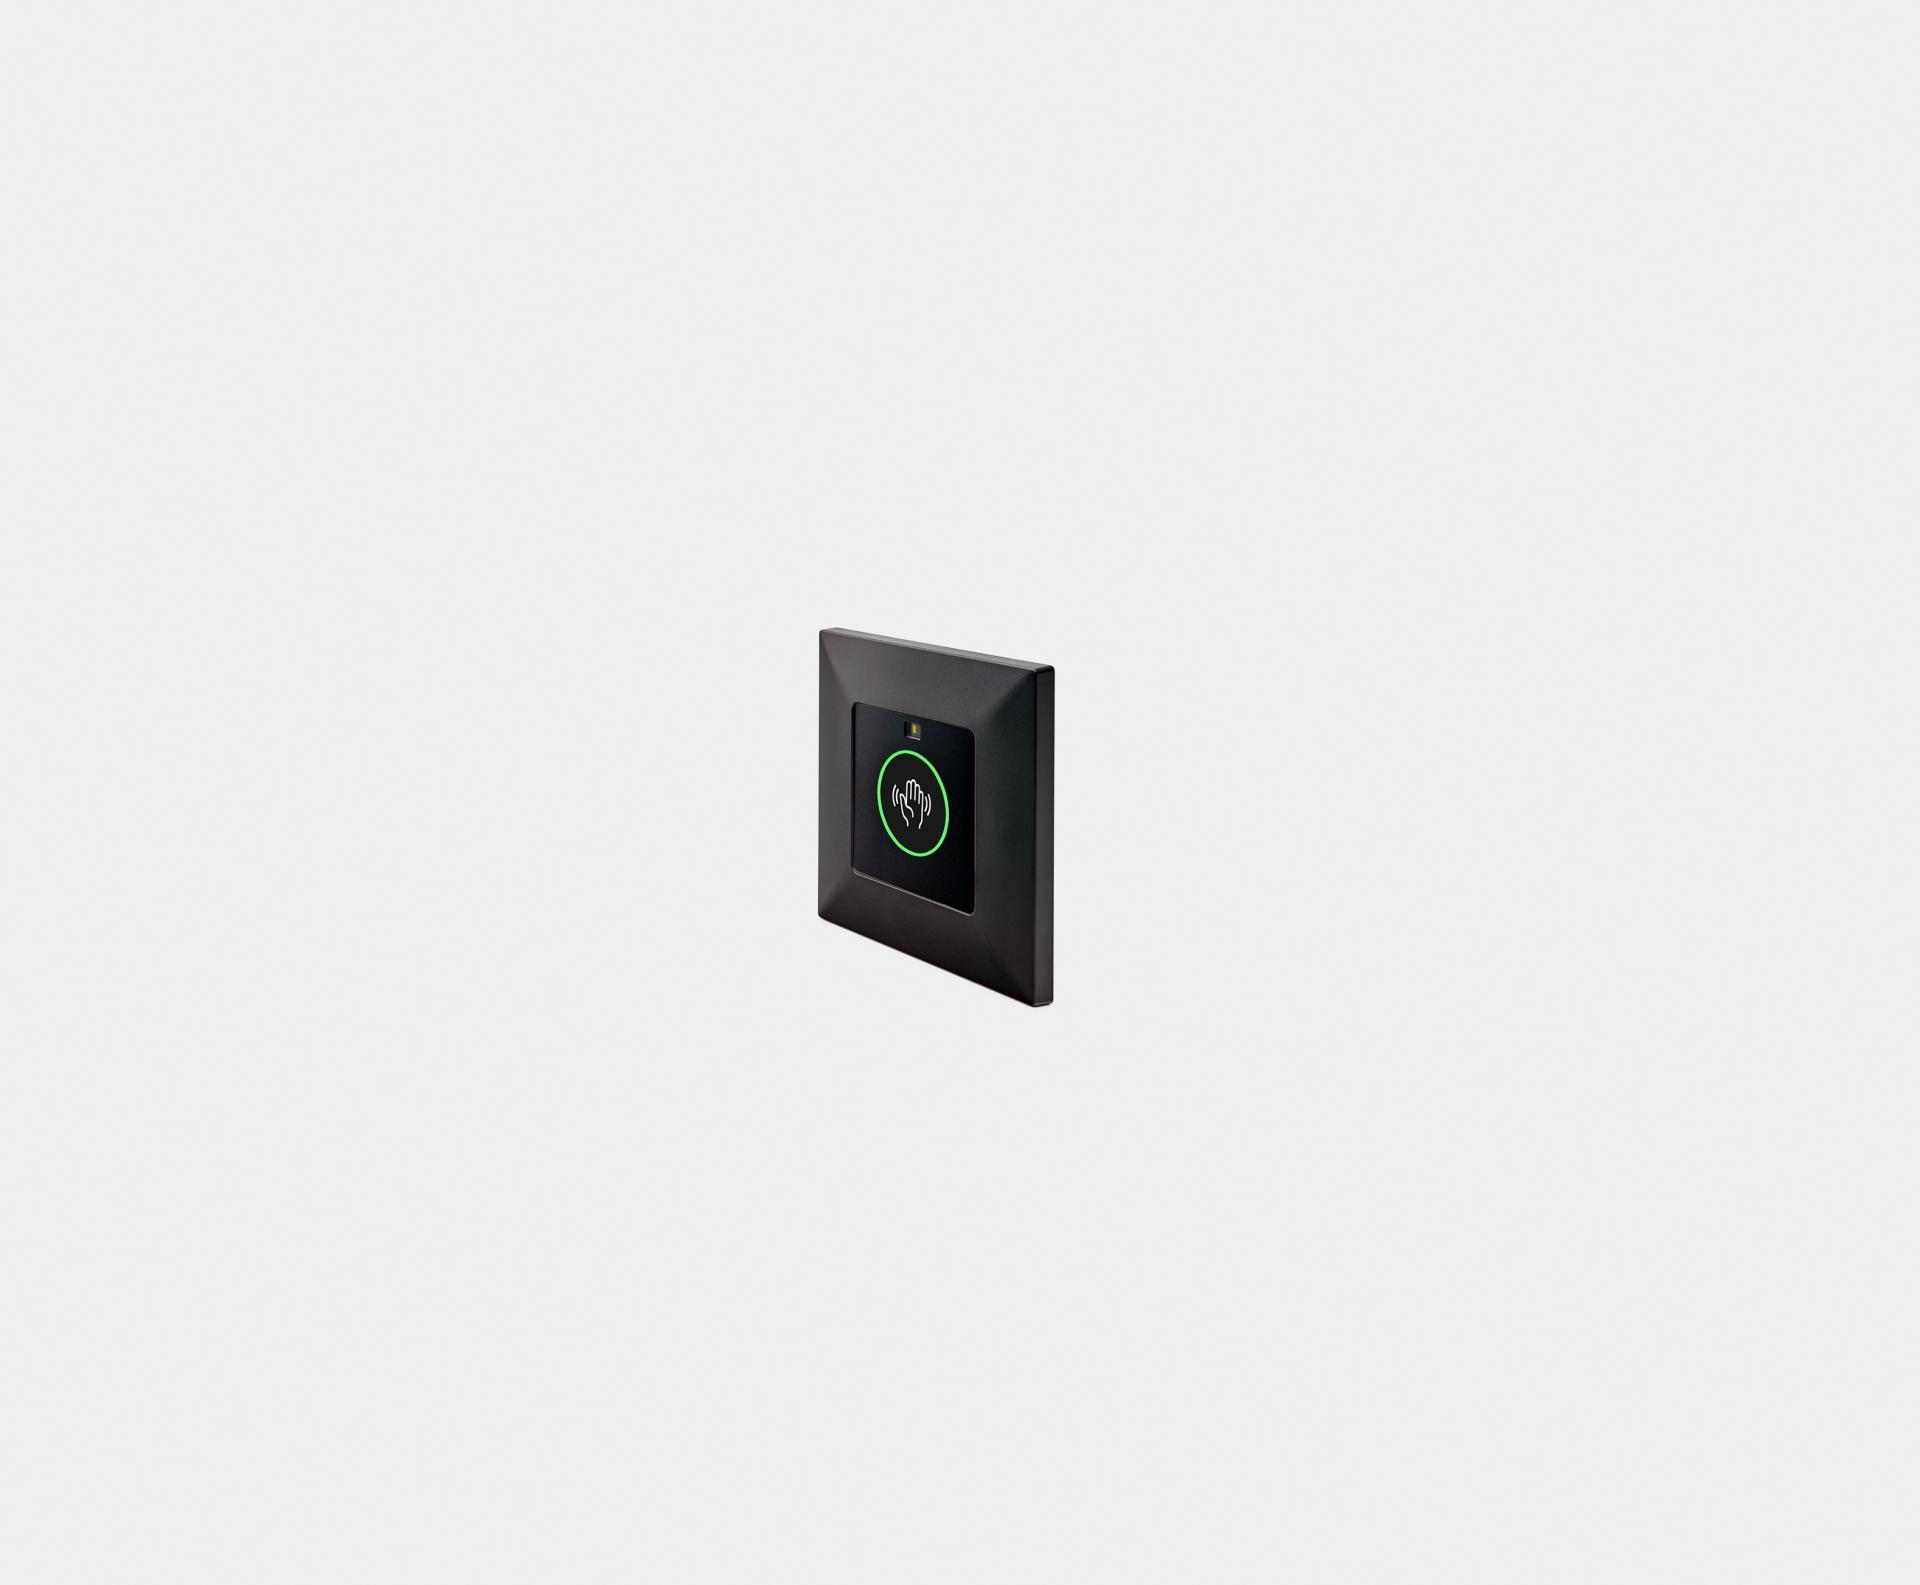 wave-xs-eu-blacklector